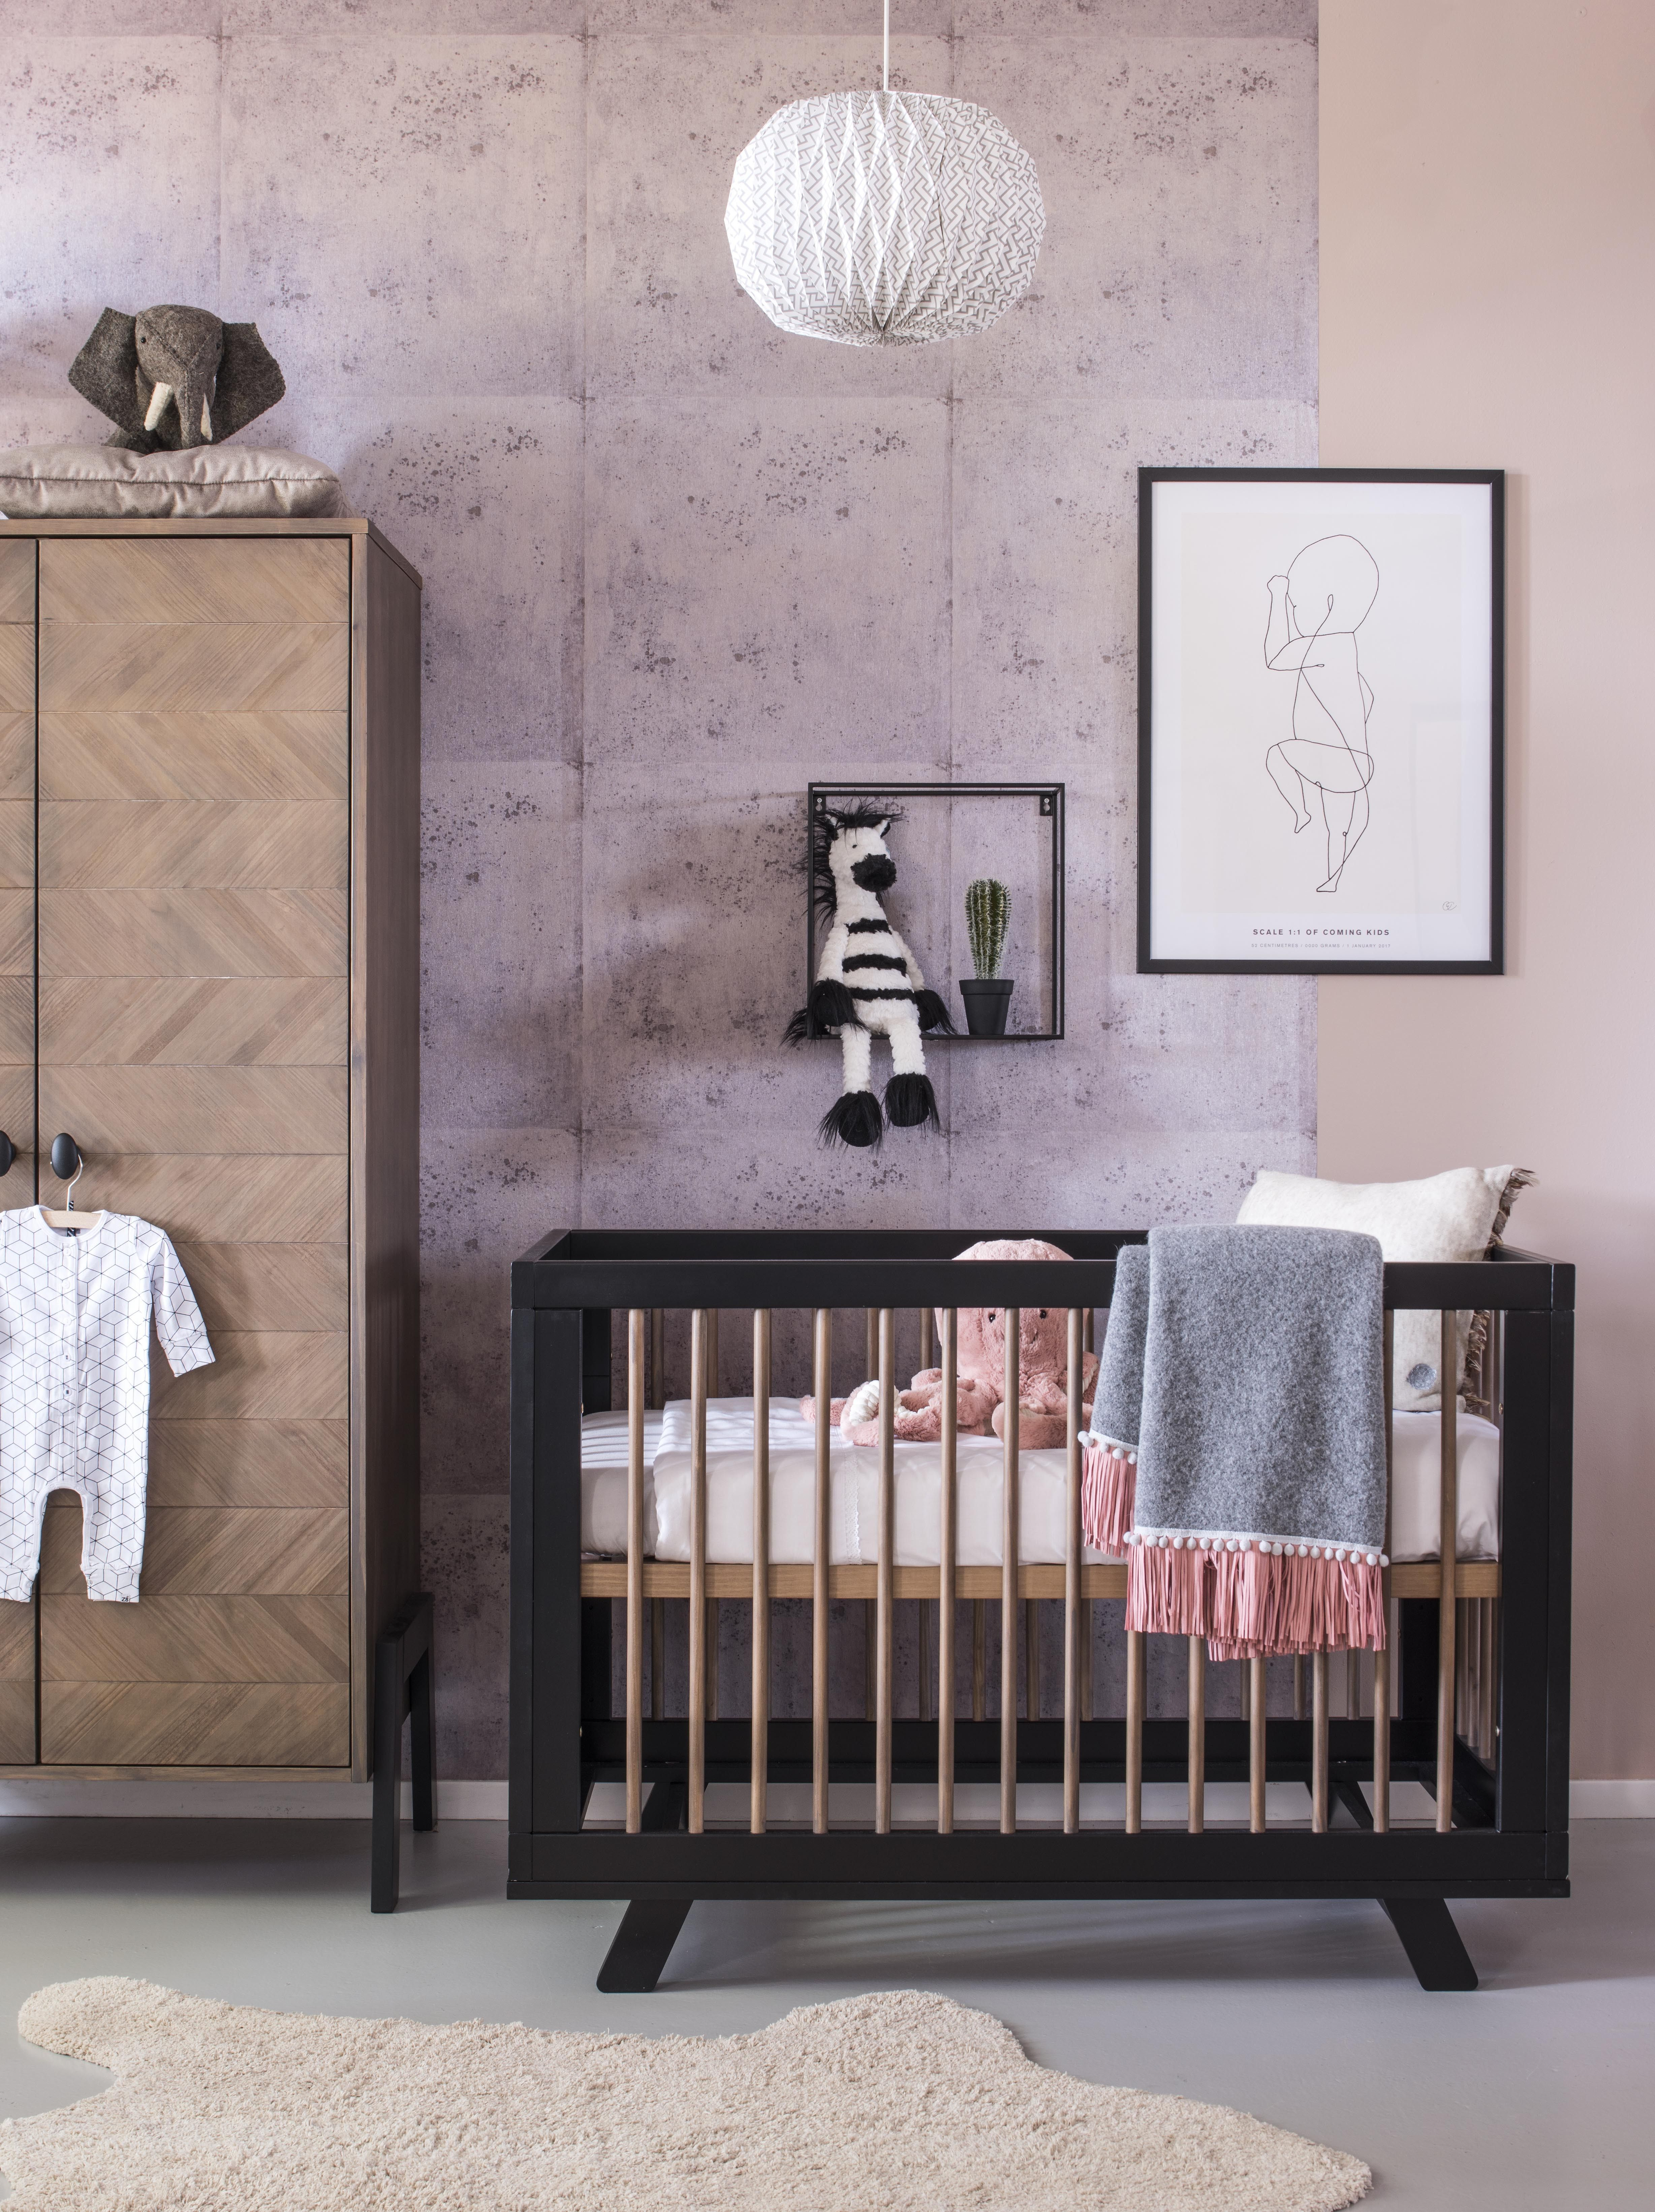 Baby Ledikant Zwart.Coming Kids Ledikant Harper In 2019 Aaahh The Nursery